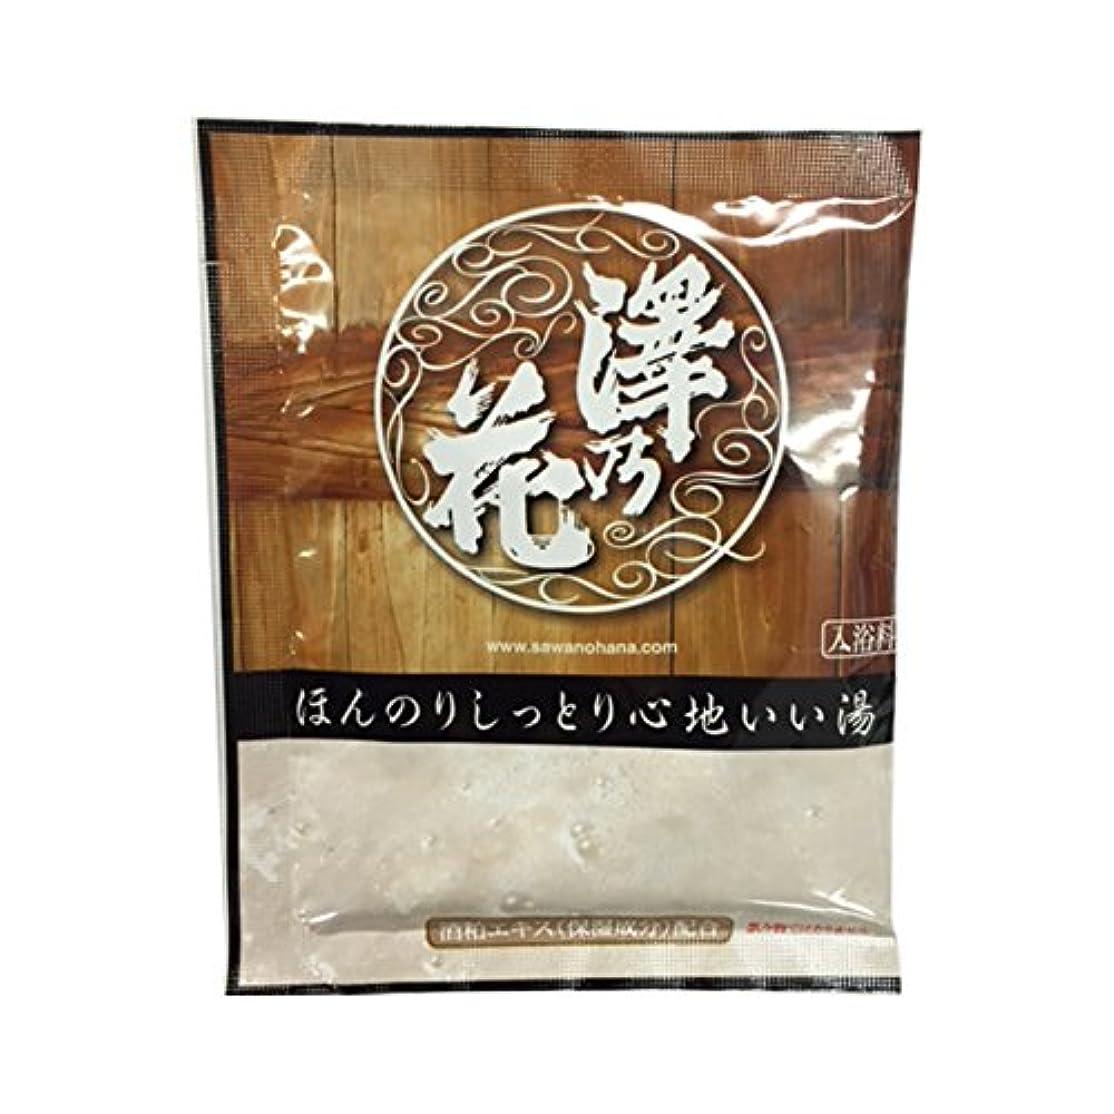 中毒津波伝導日本生化学 澤乃花 酒粕入浴料 25G